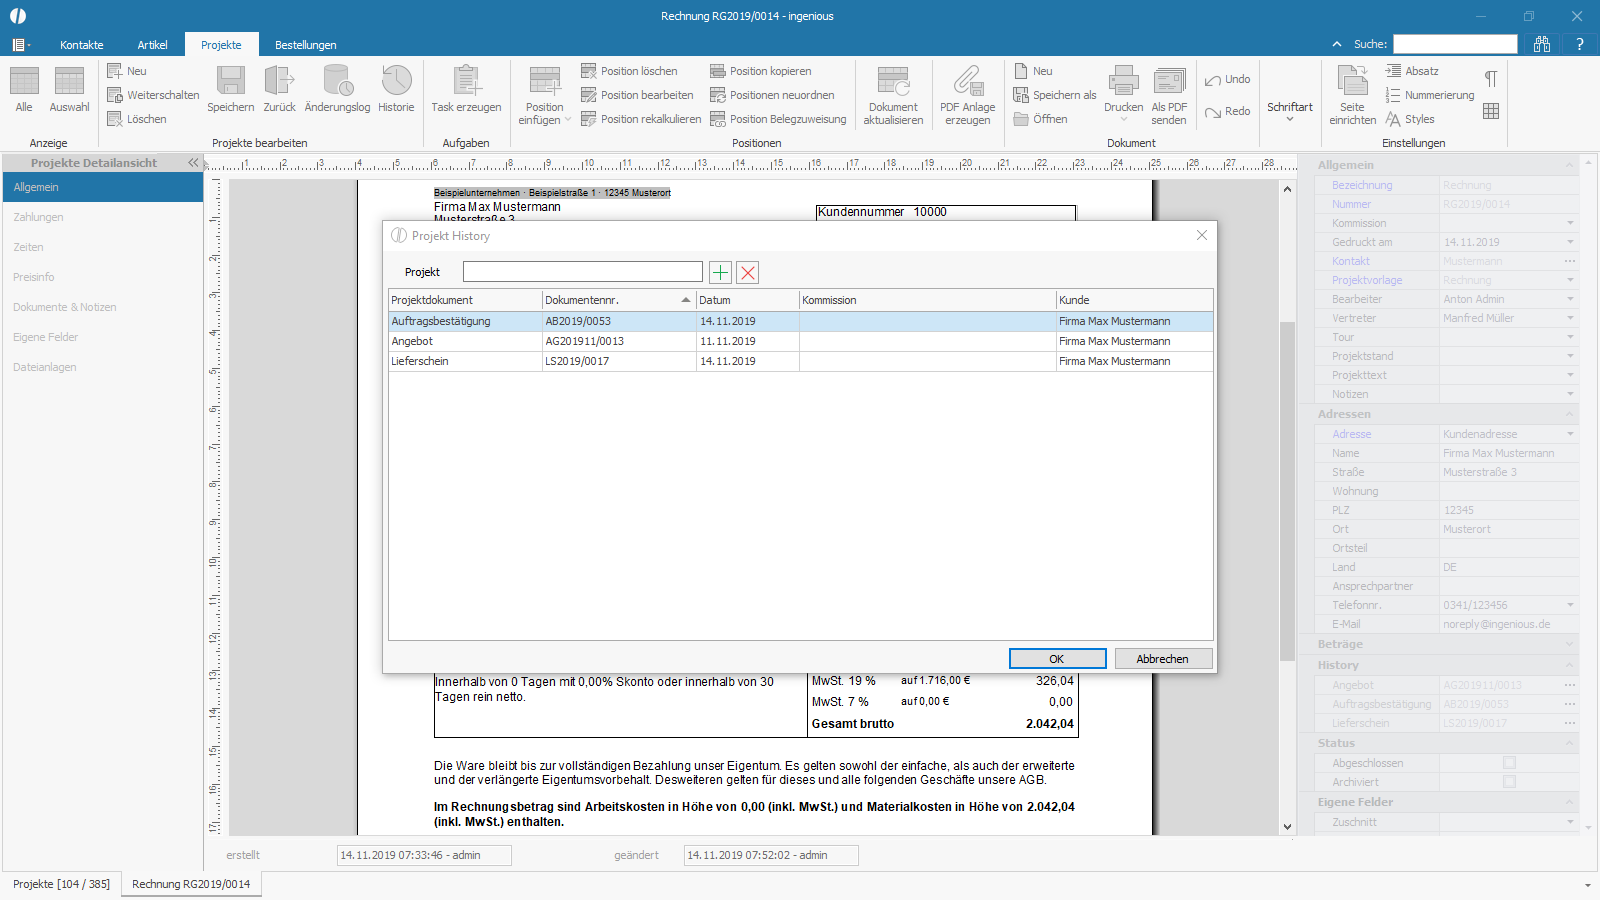 Ingenious Software Projekte Detailansicht Projekthistorie